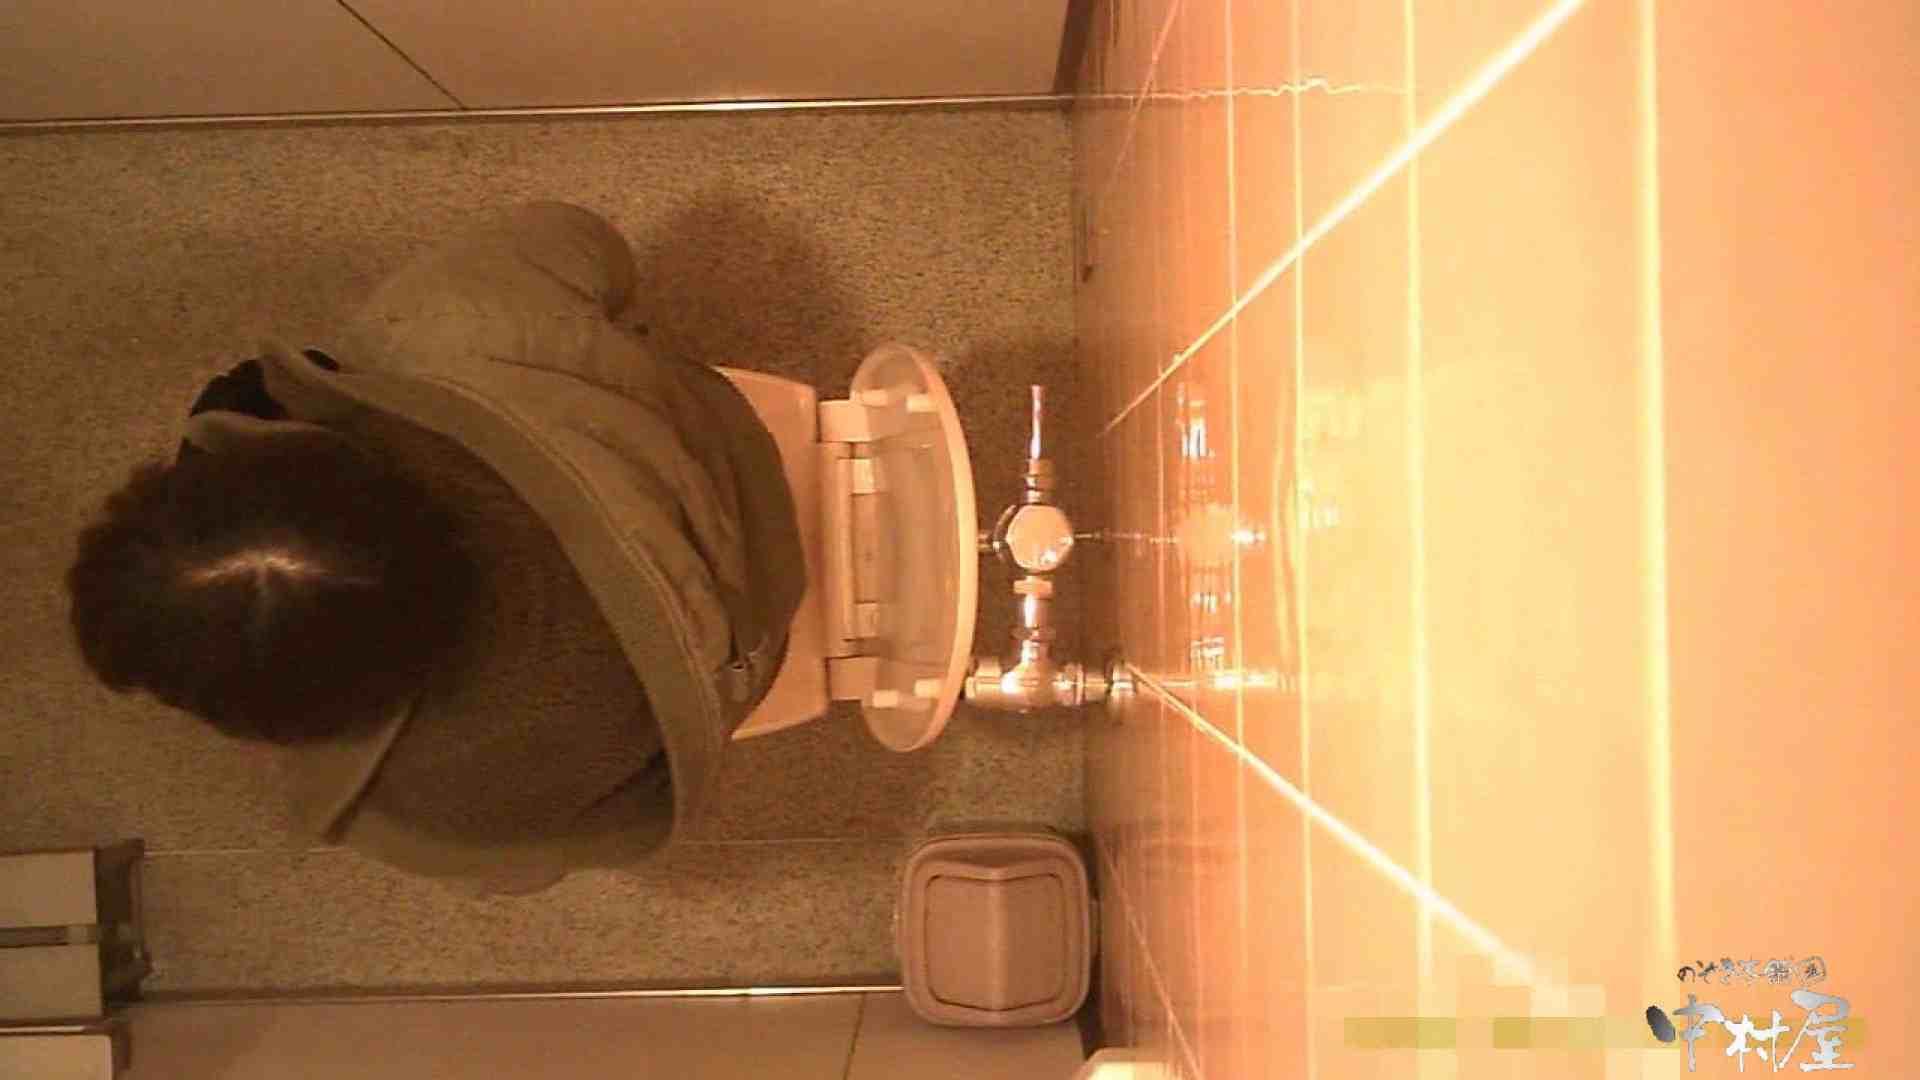 初盗撮!女盗撮師カレンさんの 潜入!女子トイレ盗撮!Vol.5 トイレ 盗み撮り動画キャプチャ 79枚 28